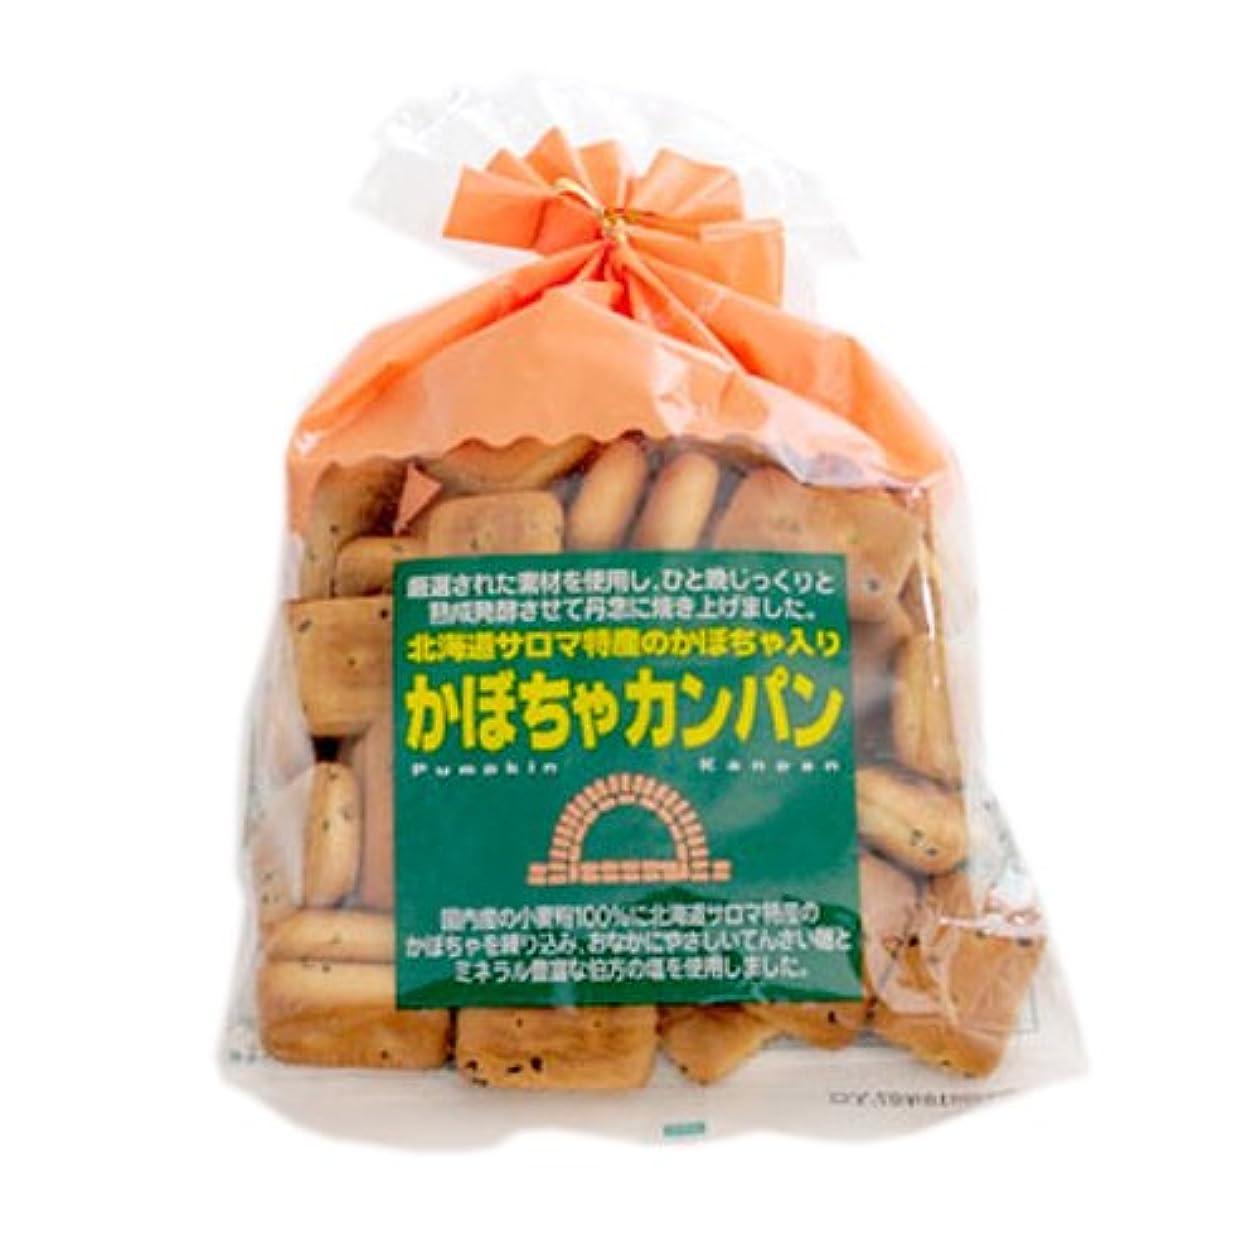 アナリストチャレンジファイターかぼちゃカンパン 12袋/箱